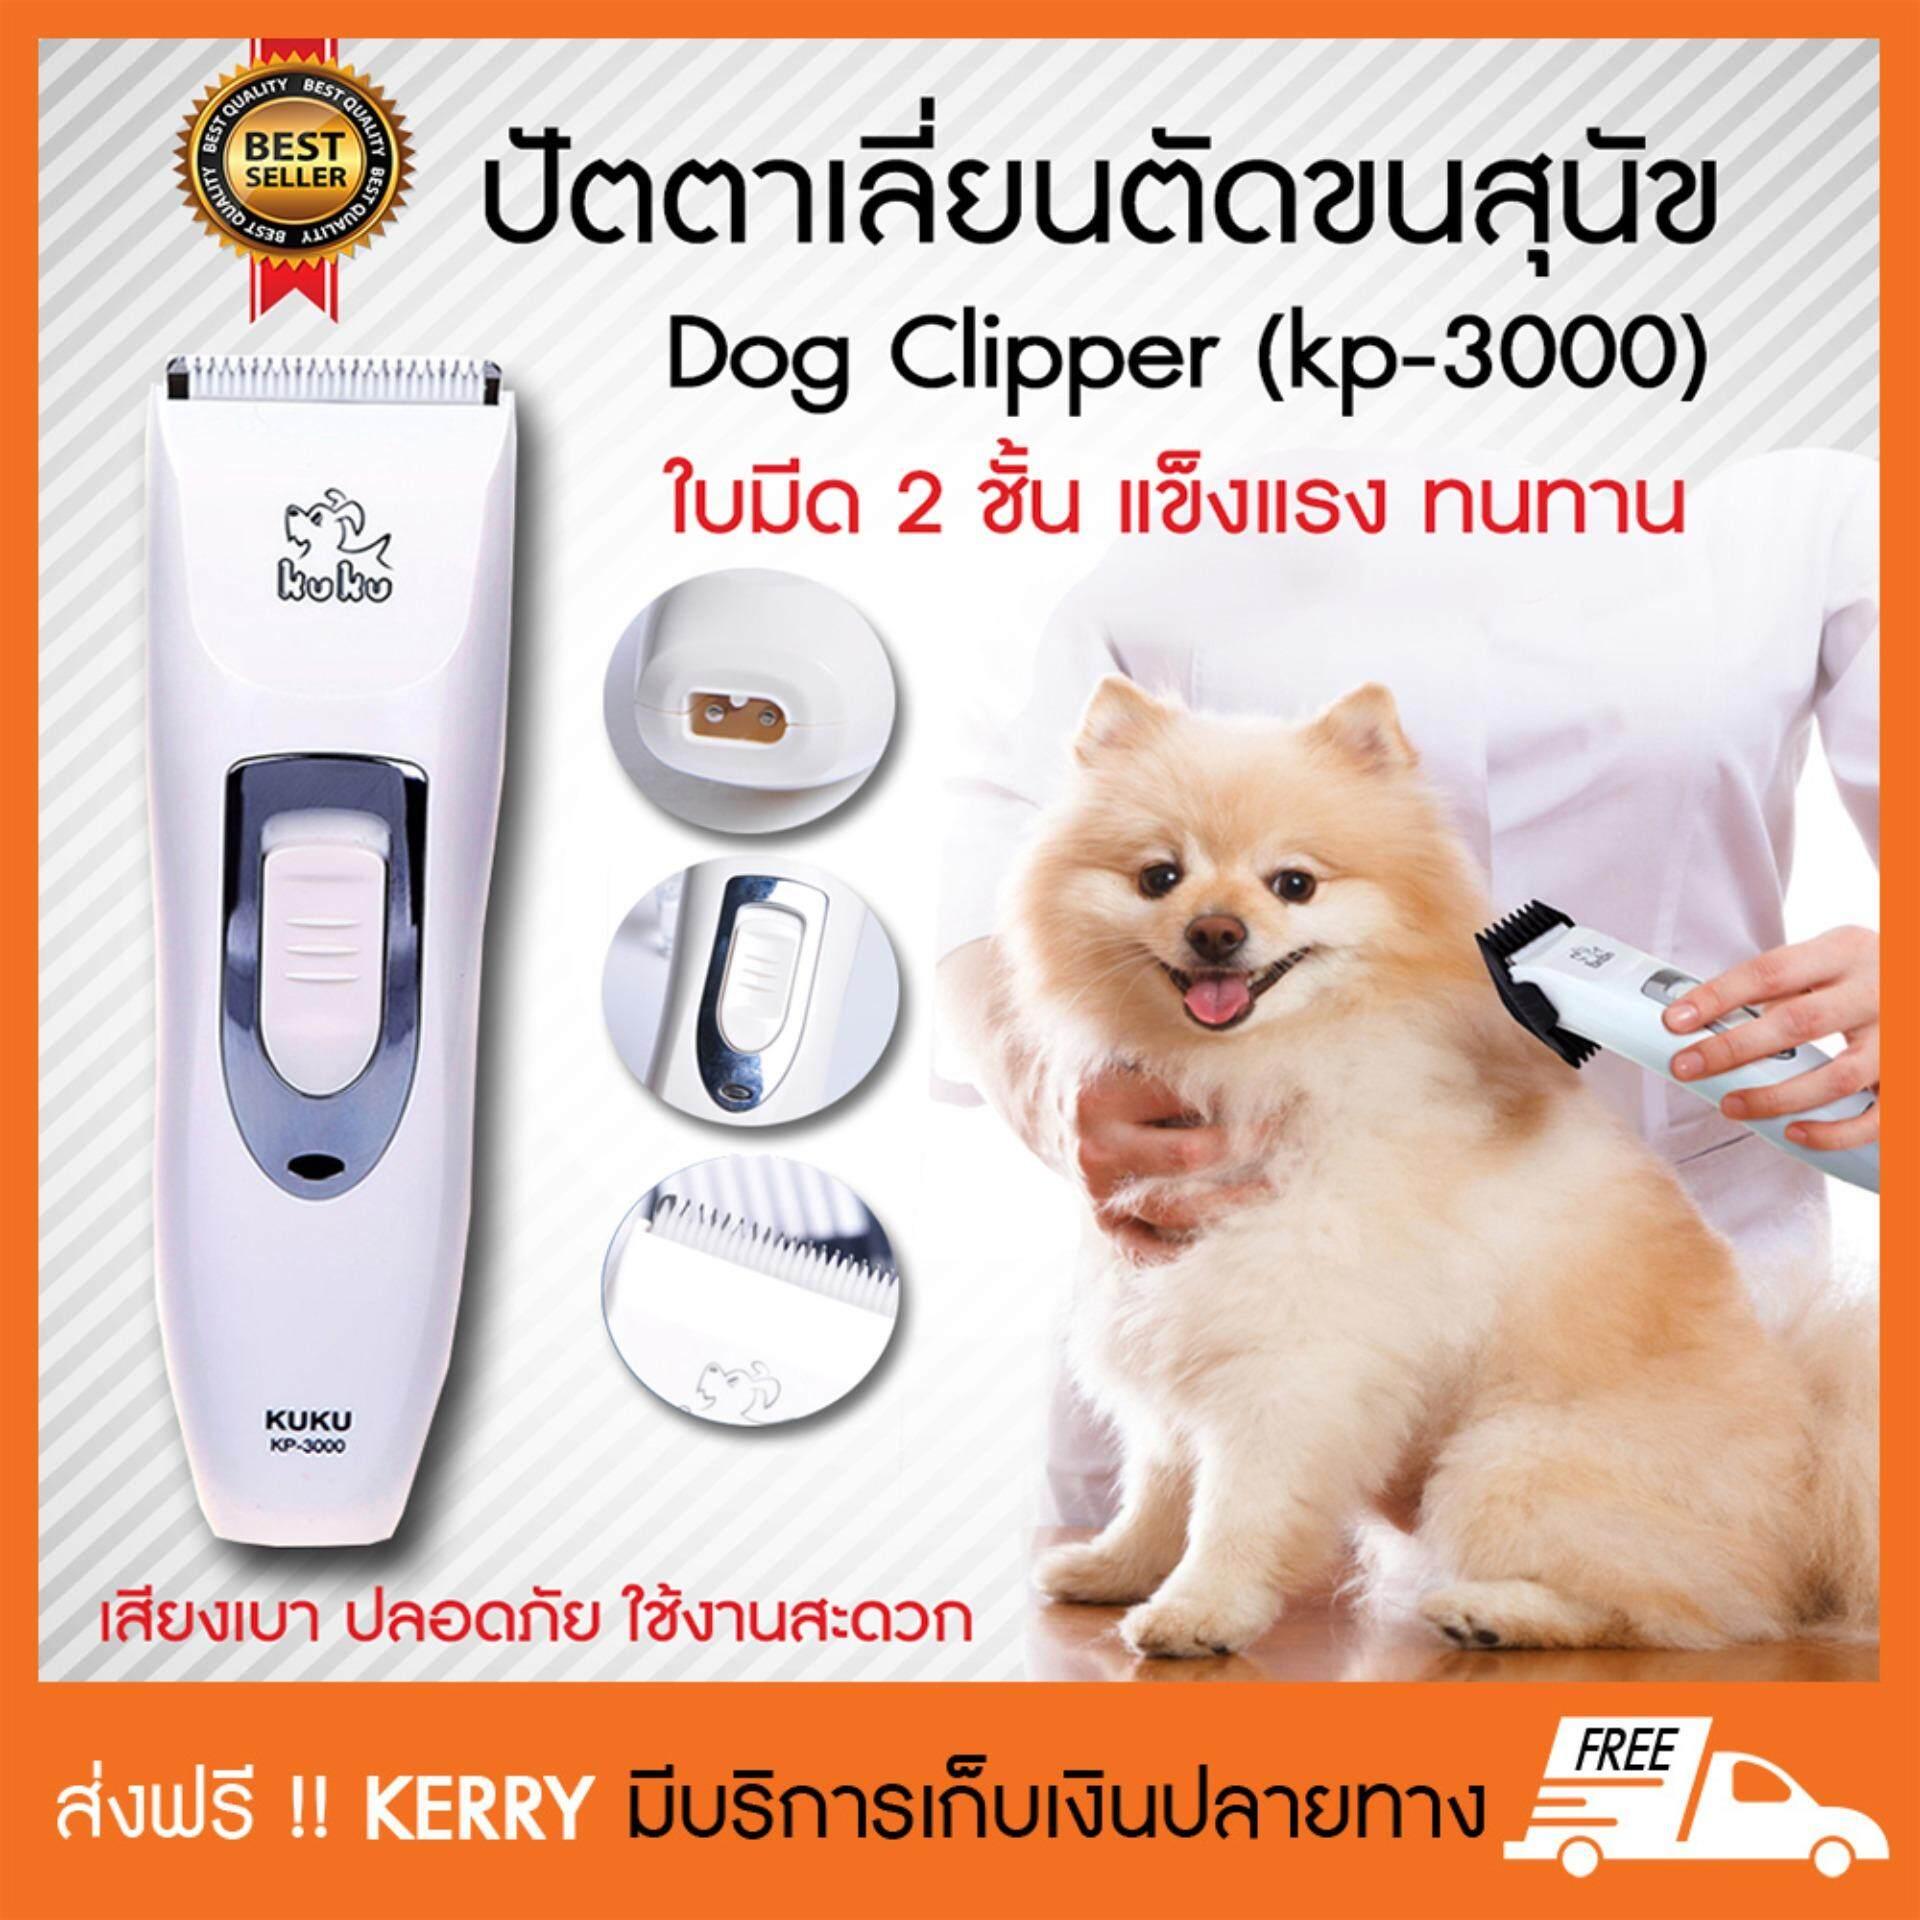 Dog Clipper ปัตตาเลี่ยนสุนัข ปัตตาเลี่ยนตัดขนสุนัข ปัตตาเลี่ยนตัดขนหมา ปัตตาเลี่ยนไร้สาย แบตตาเลี่ยนตัดขนหมา มีหวีรอง 2 ชิ้น (เลือกตัดความยาวของขน 3,6,9,12 Mm) รุ่น Kuku-3000 By Smartshopping.